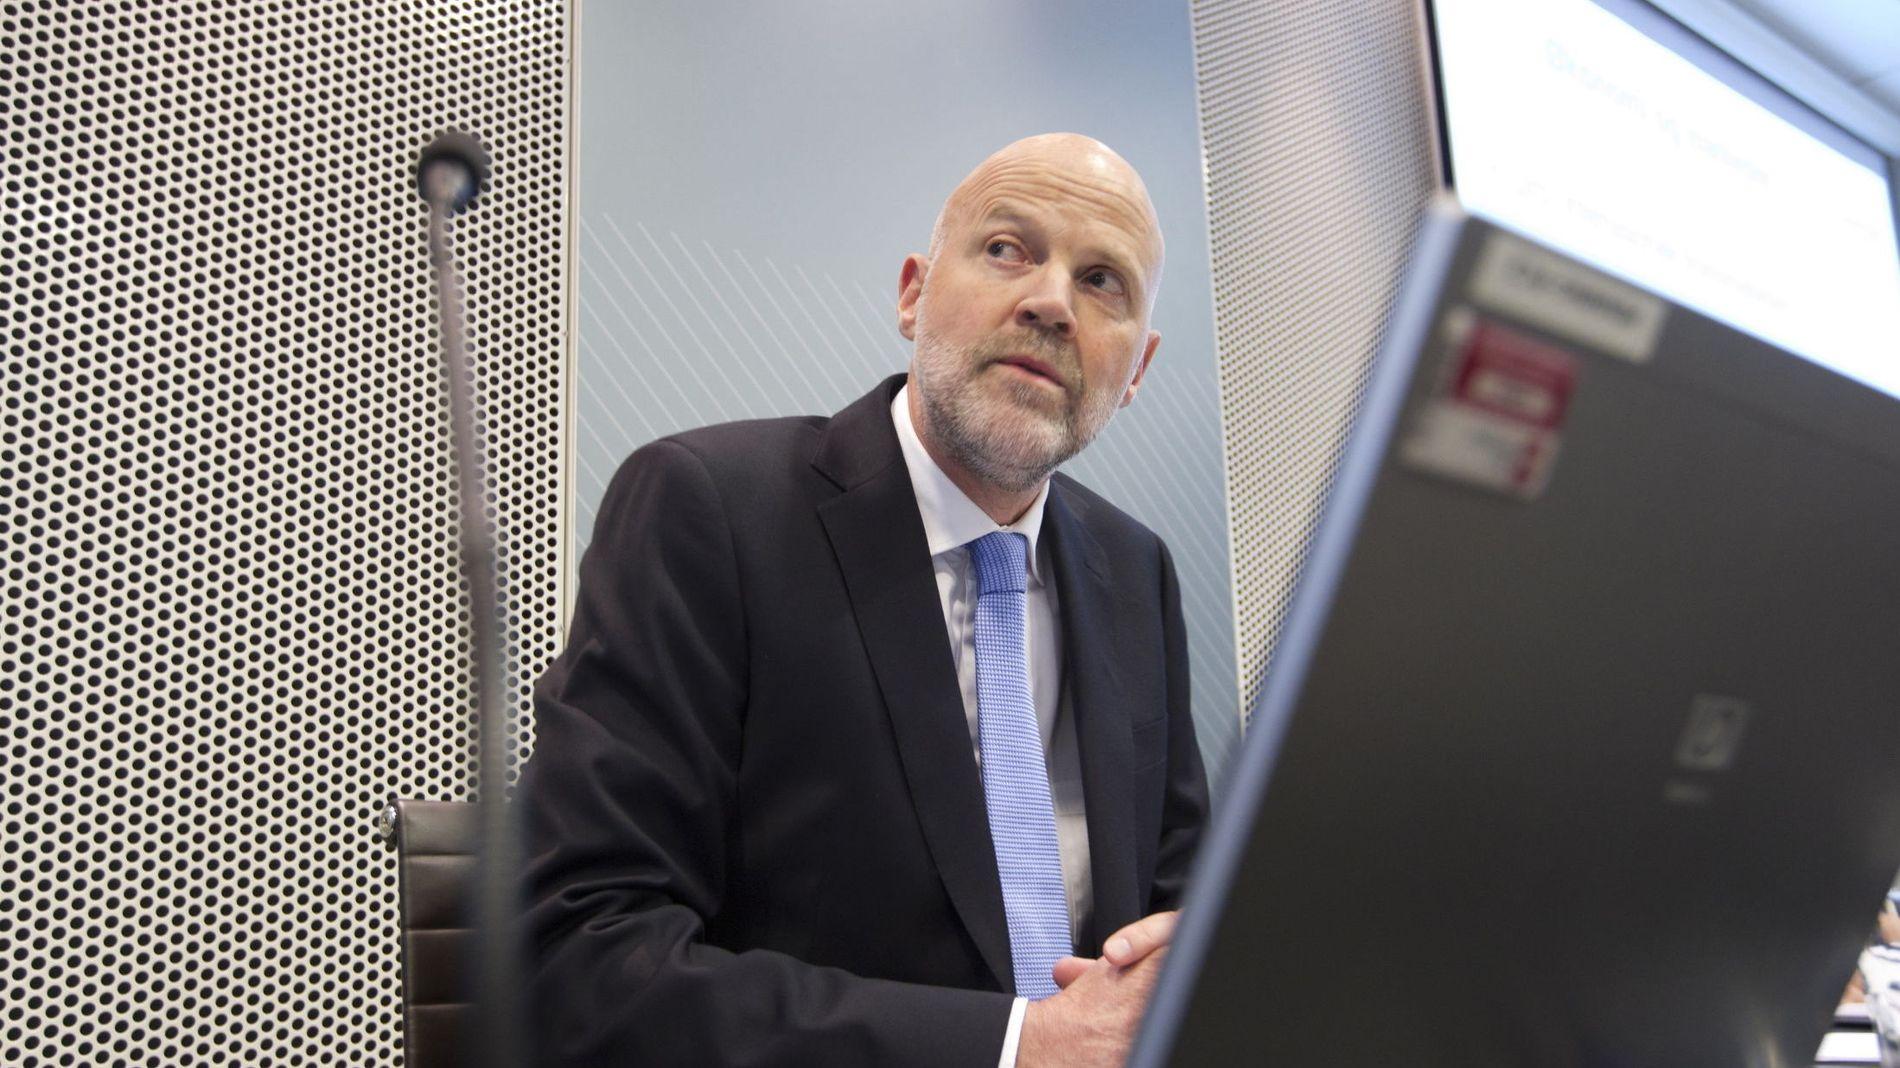 TØFFE TILTAK: Direktør i Finanstilsynet, Morten Baltzersen, mener han har presentert kraftige tiltak til finansminister Siv Jensen (Frp) og Finansdepartementet.